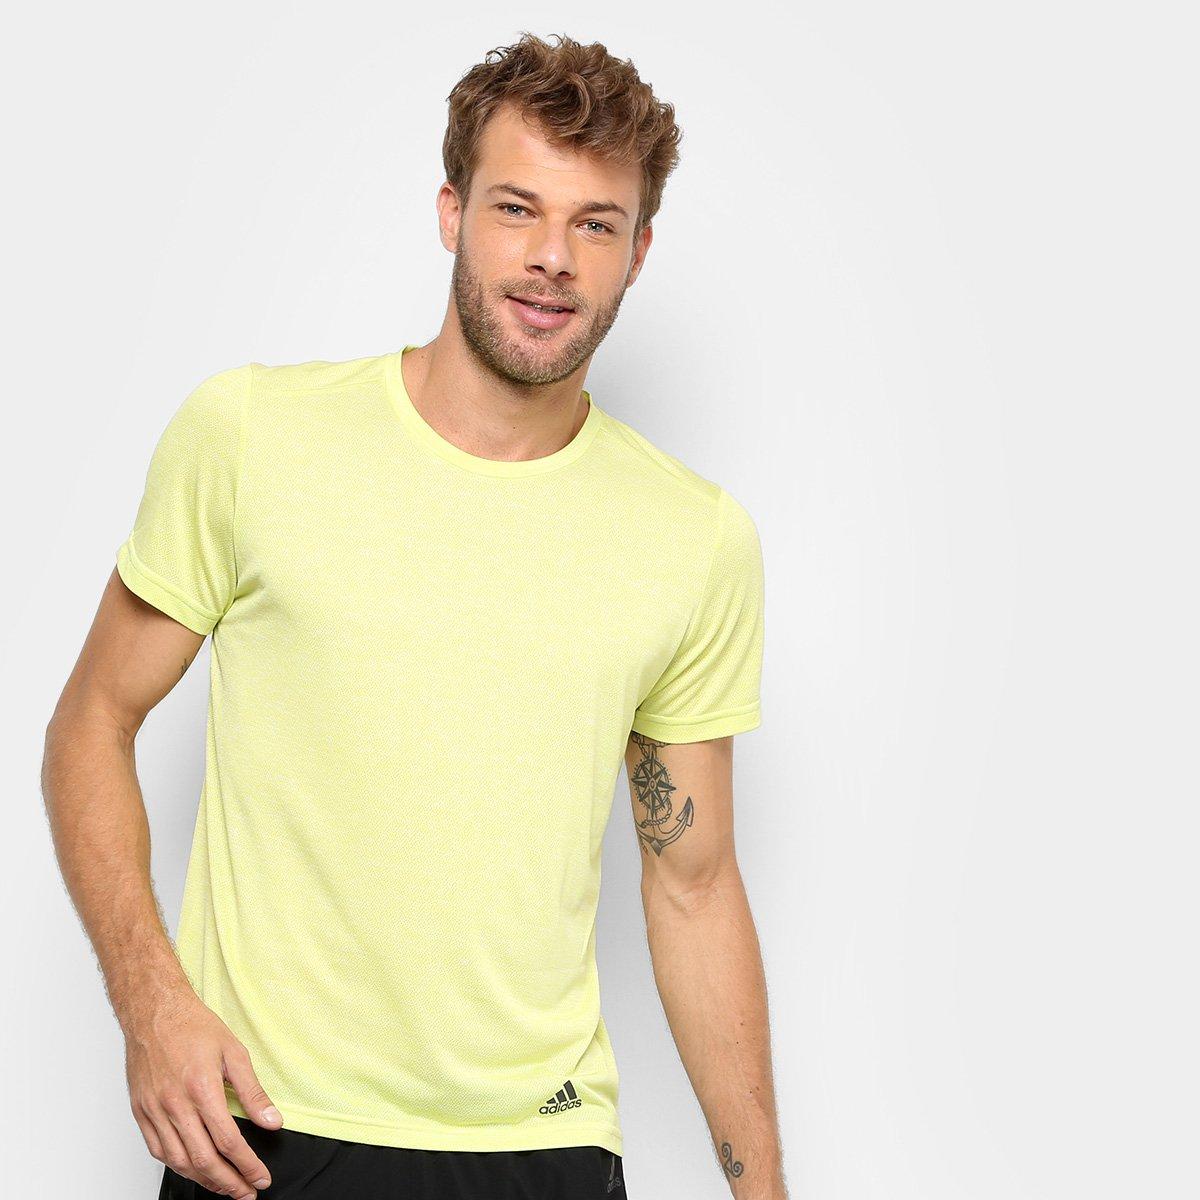 018f899e627 Camiseta Adidas Run Masculina - Compre Agora